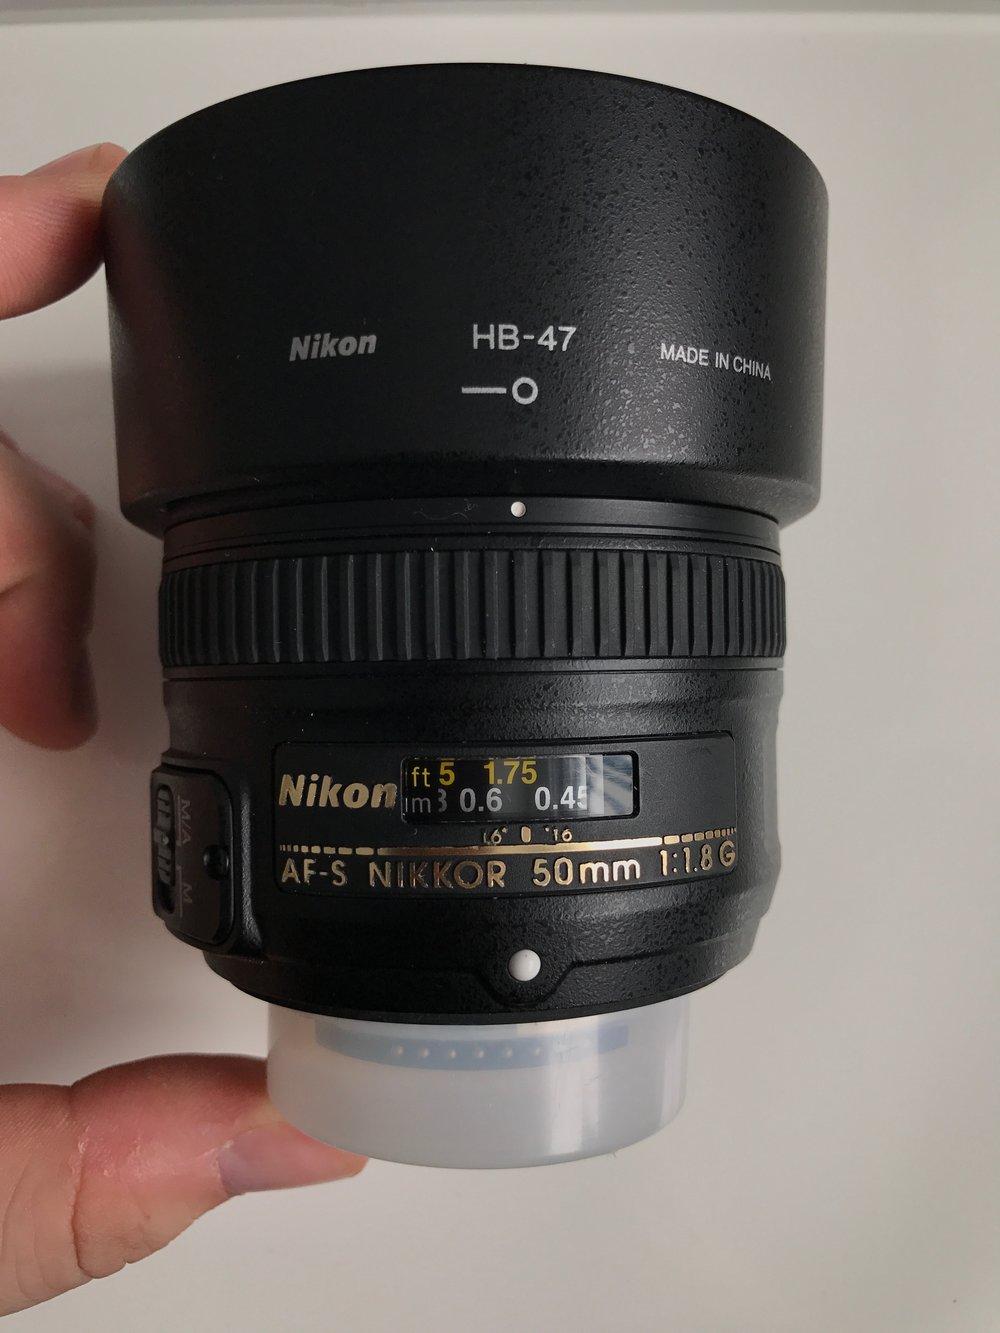 Nikon AF-S NIKKOR 50mm f/1.8G / Lien vers Kijiji